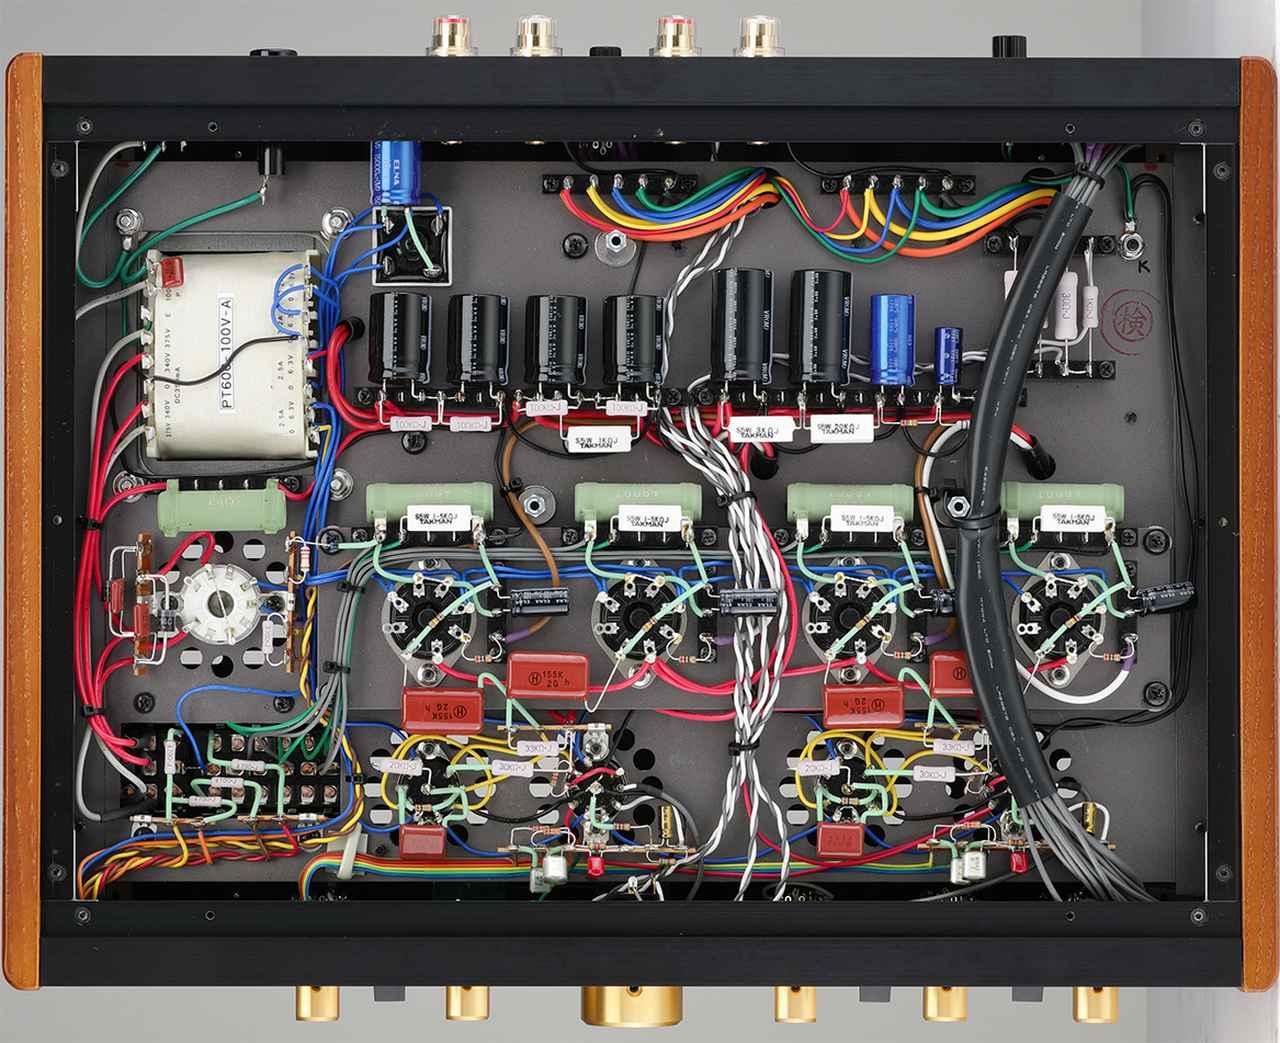 画像: 底板を外して見る。内部はプリント基板を使わないリード線による配線。コンデンサー類もラグ板を使ってきれいに配置されている。